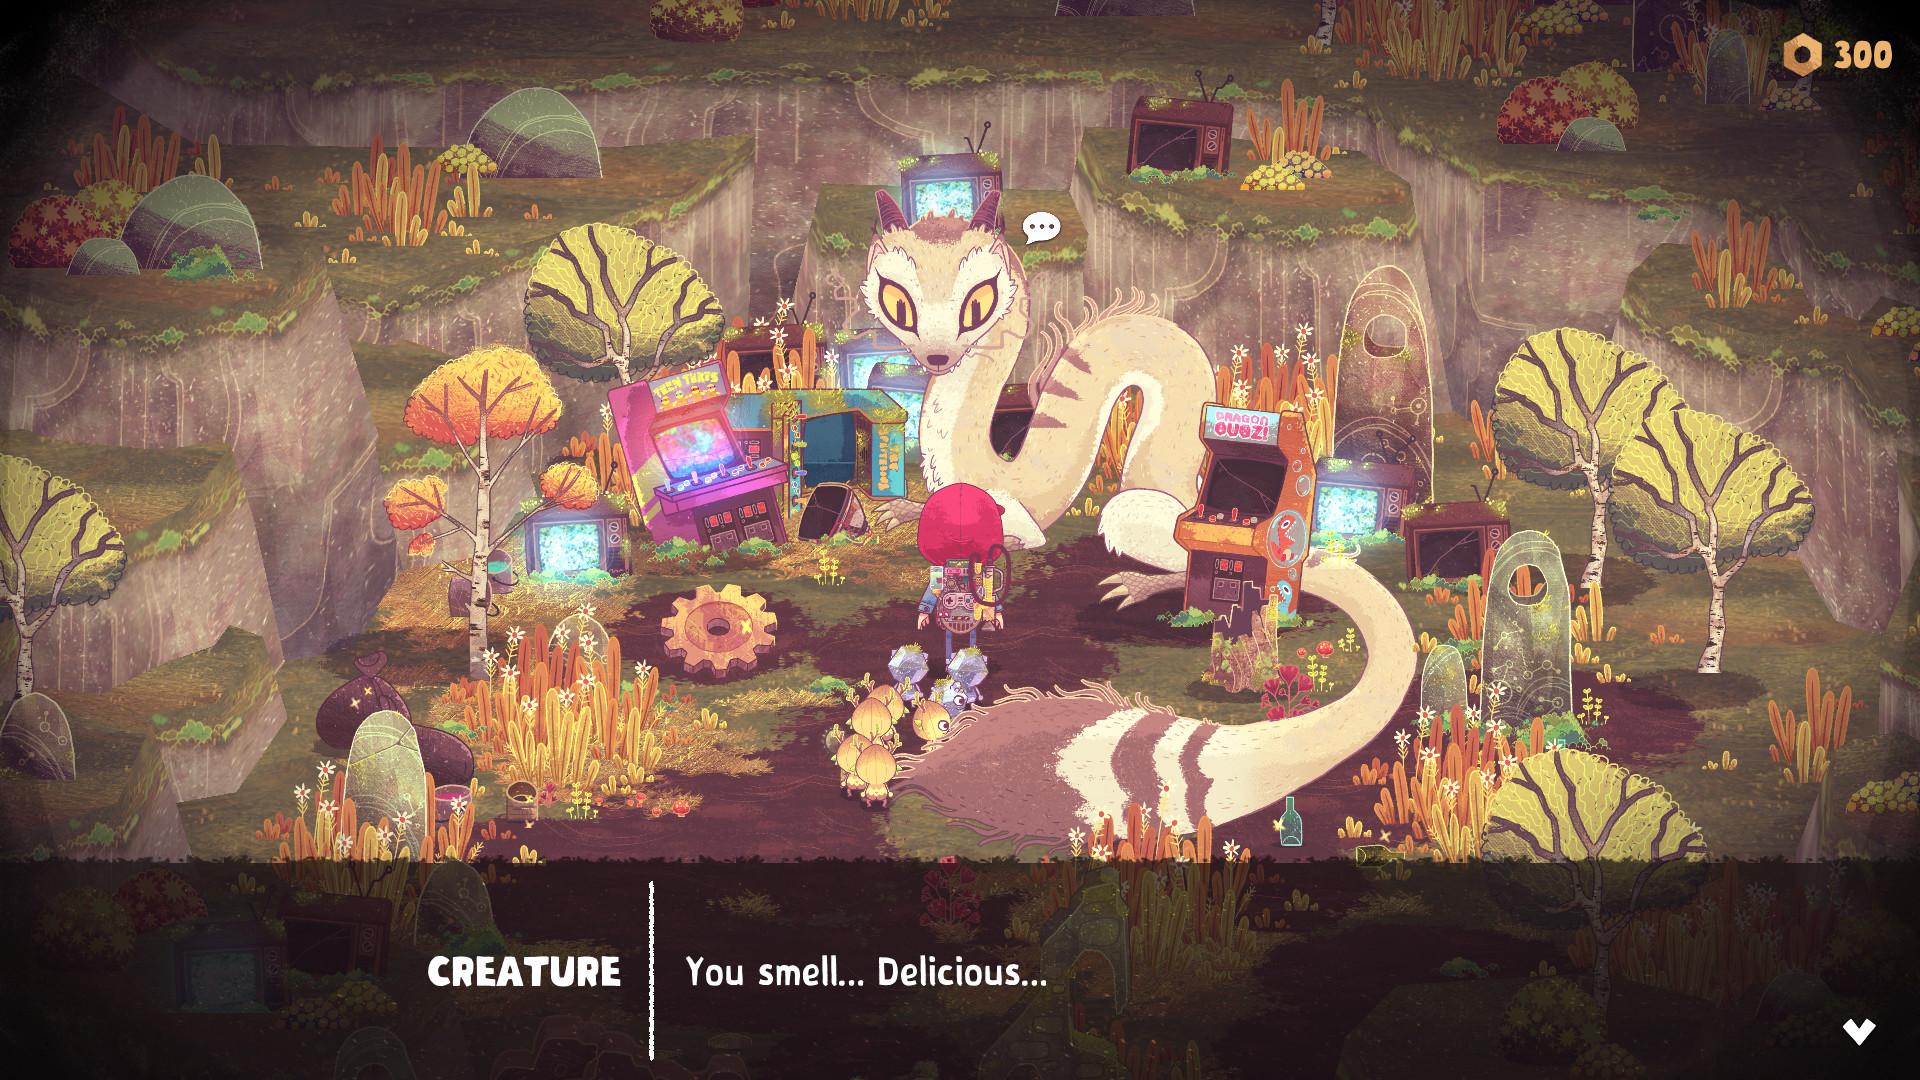 Gry z niezwykle unikalną grafiką - The Wild At Heart